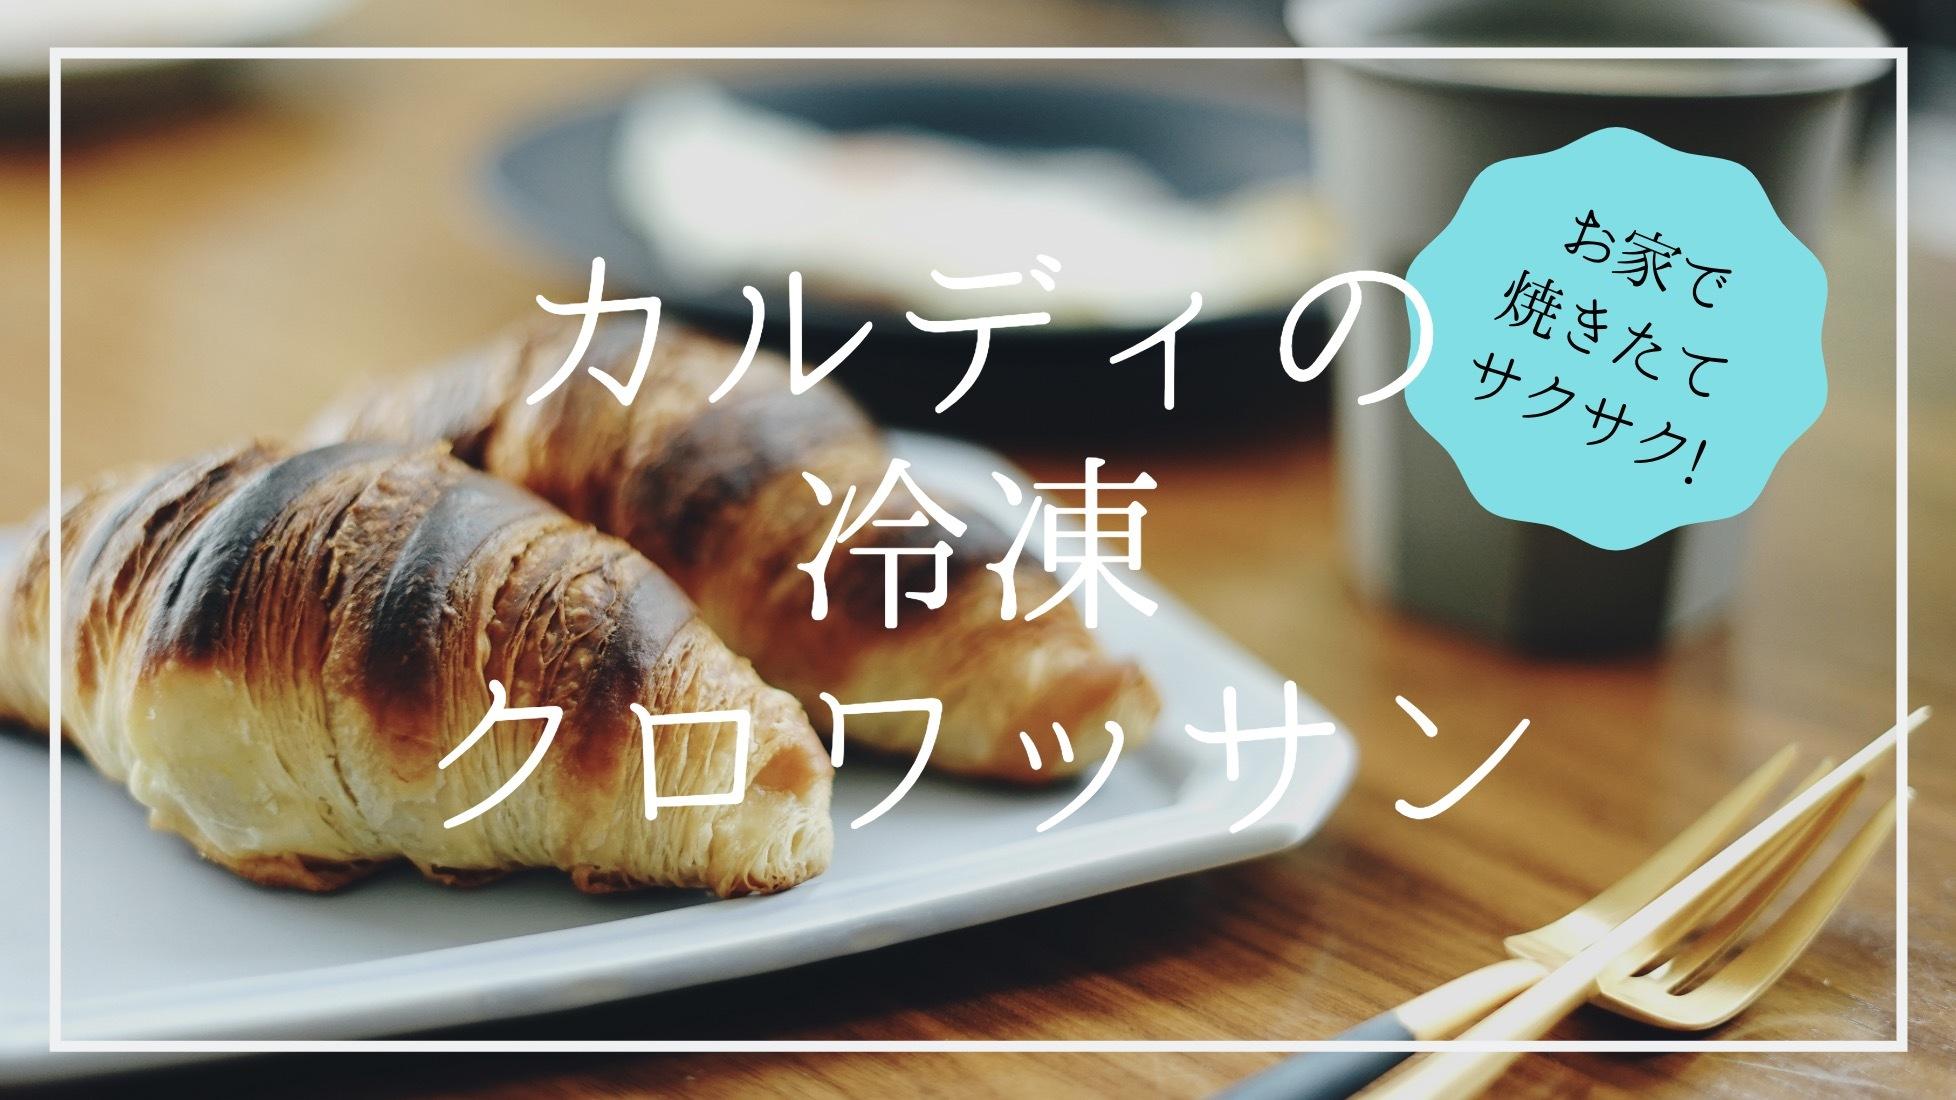 kaldi_croissant01.jpg